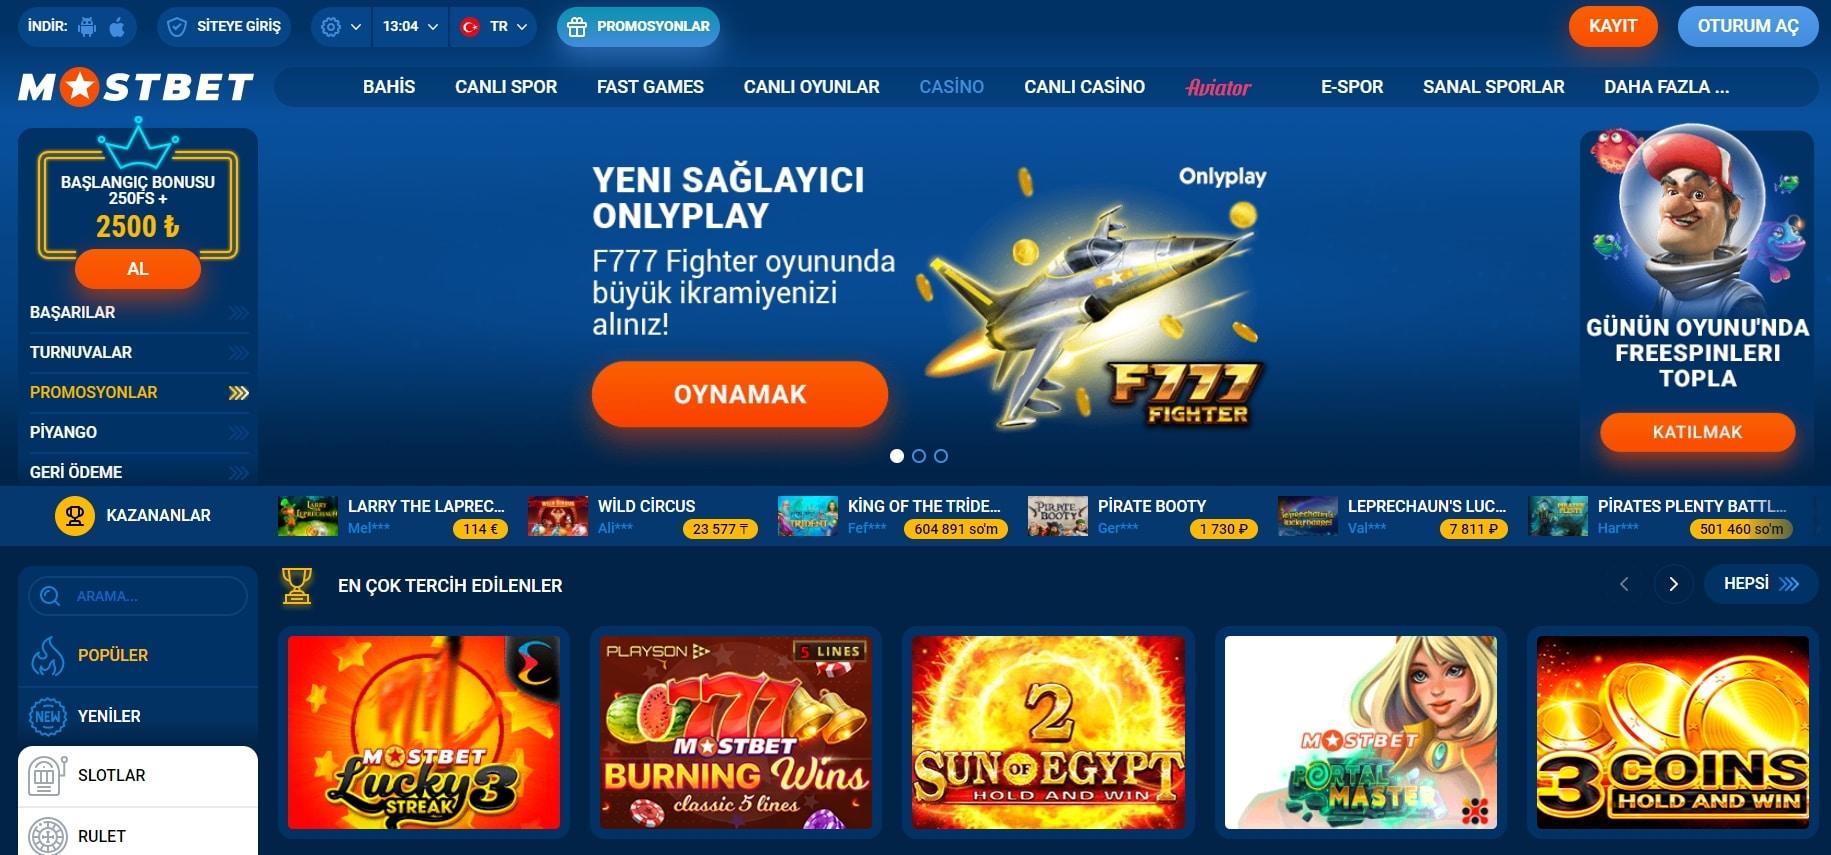 mostbet com-a giriş  Yenidən Dizayn Alır